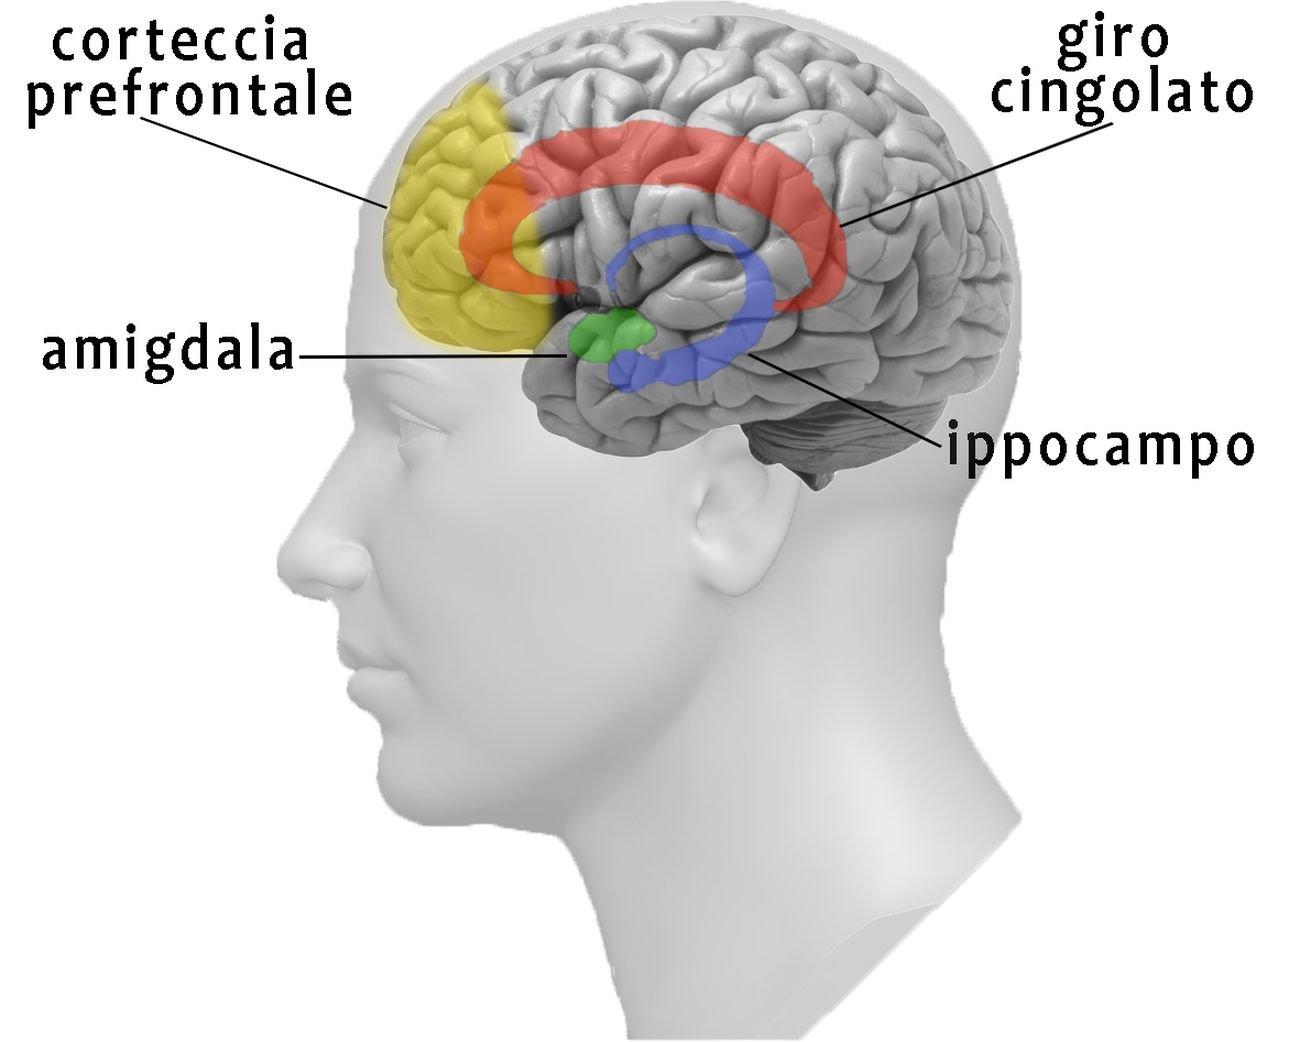 Aree cerebrali del giro cingolato, nuclei della base, ipotalamo e amigdala © Angela Savino & Ottavio De Clemente